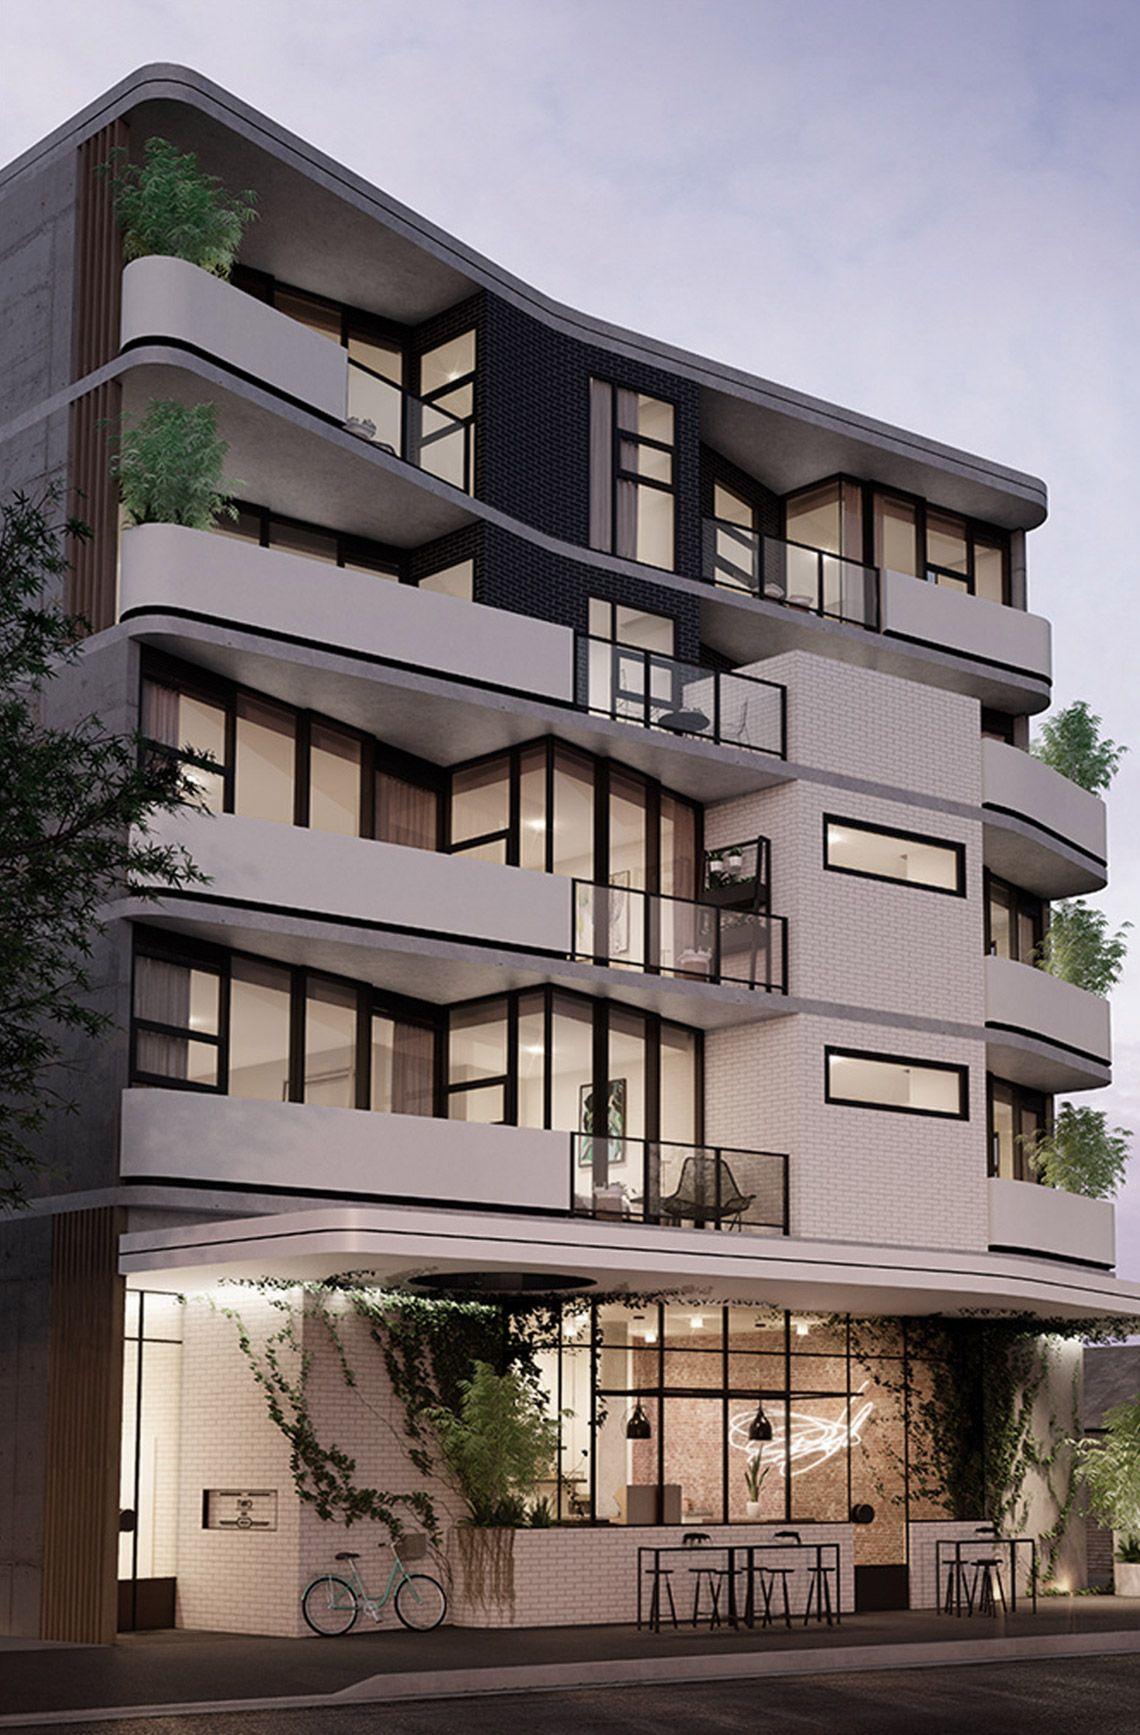 Kestie lane studio morton avenue morton ave apts - Fachadas edificios modernos ...